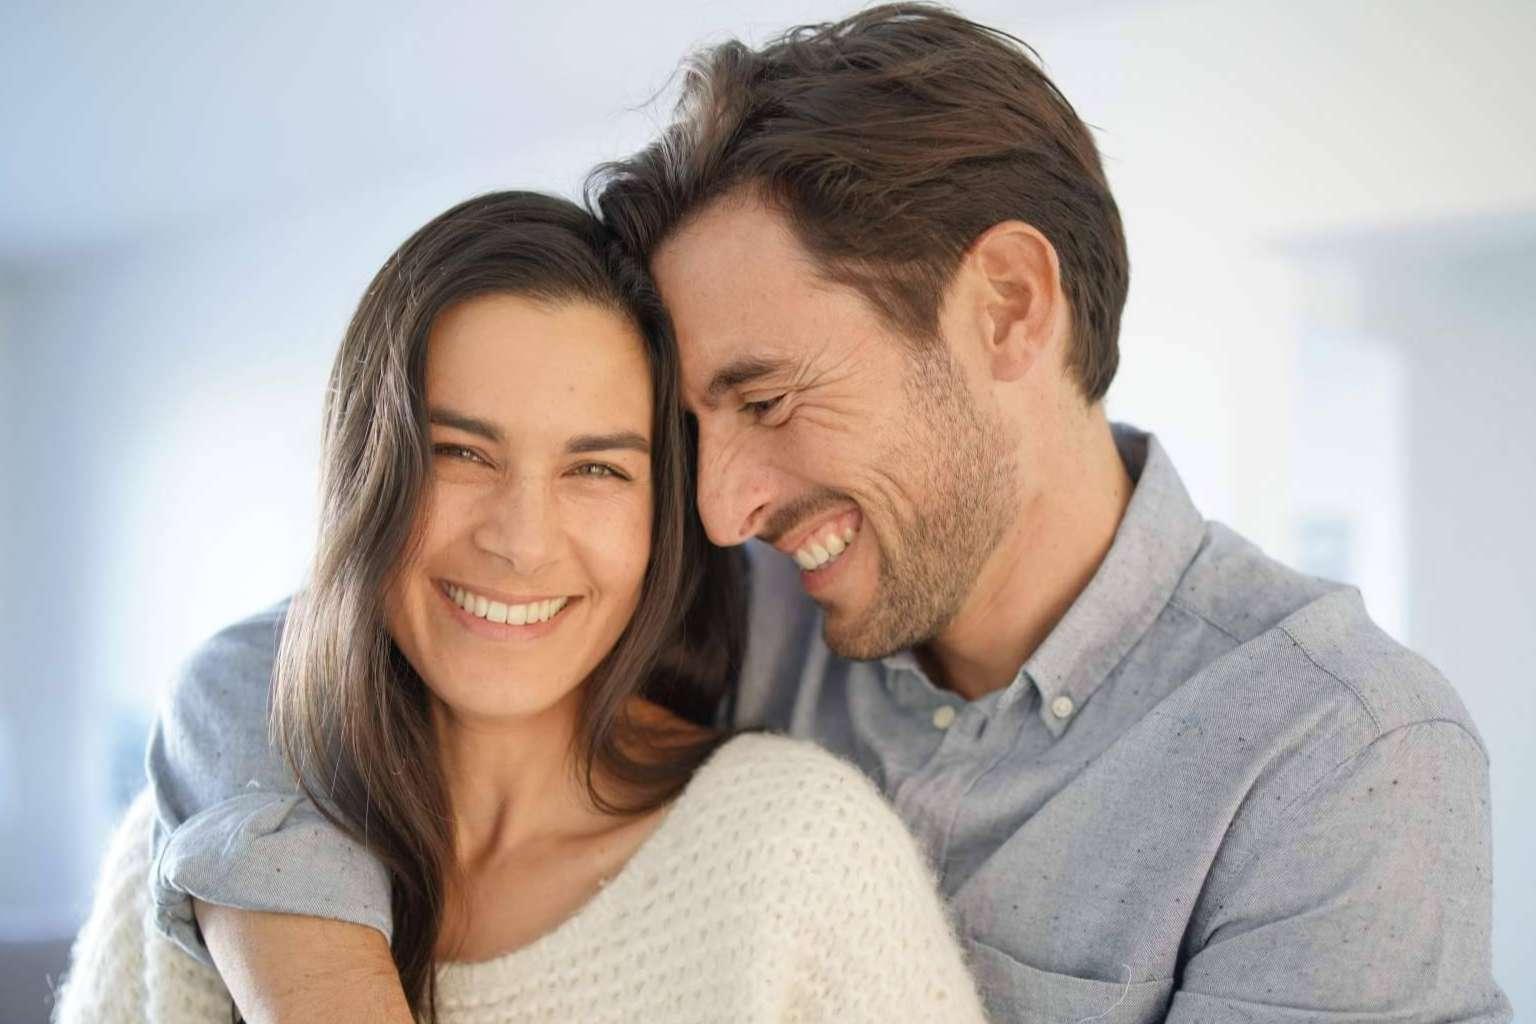 ¿Cómo sorprender a la pareja para recuperar la pasión? Las recomendaciones de lacestadelplacer.com